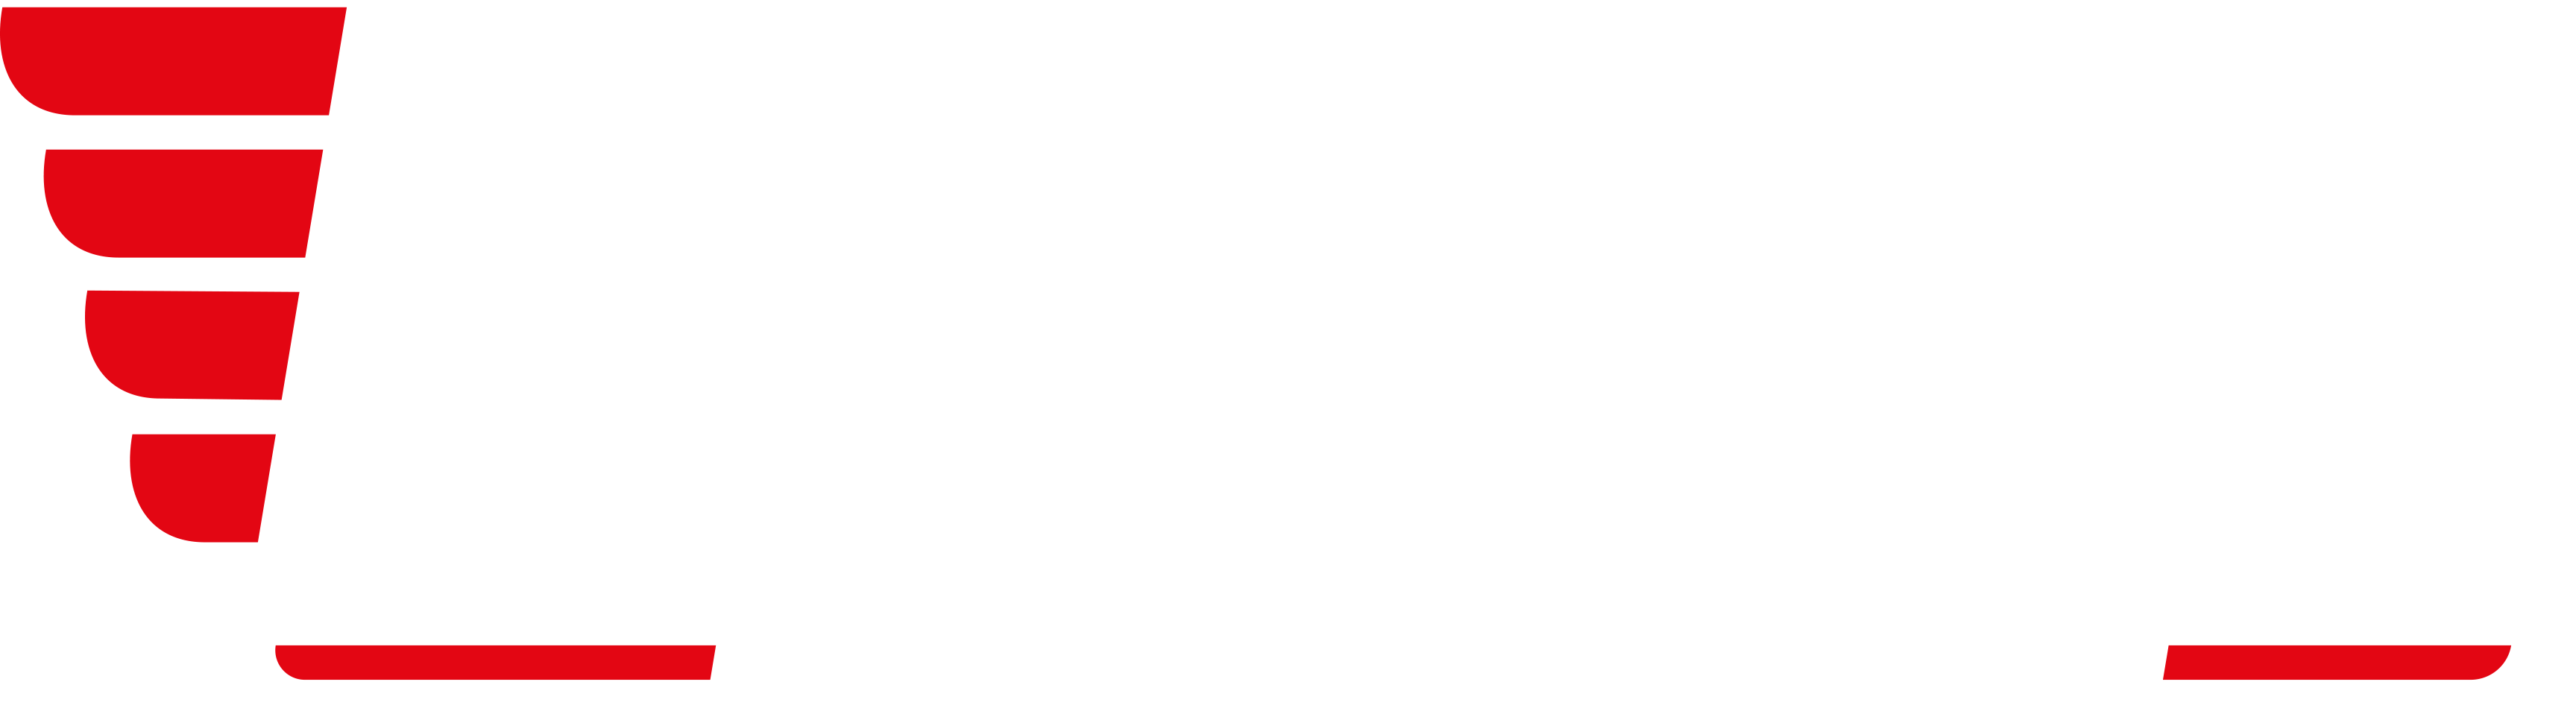 MODOCAFFE_BIANCO